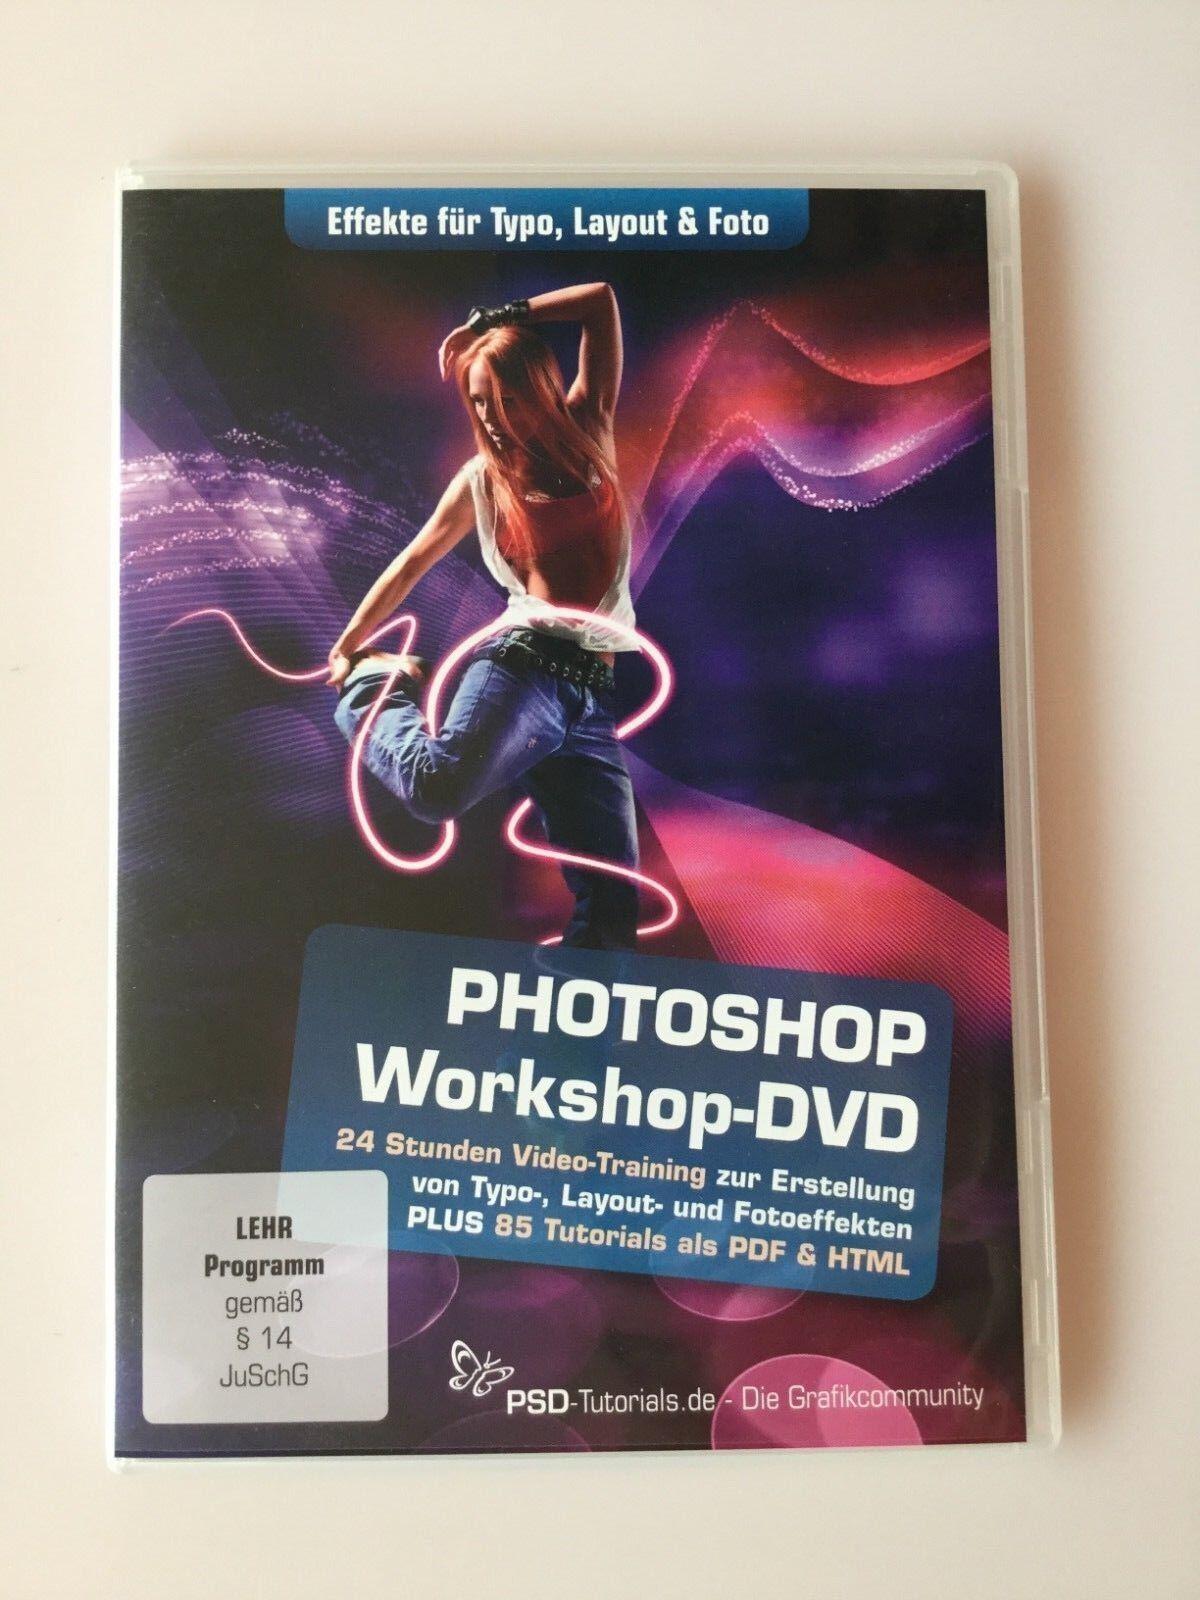 Photoshop-Workshop-DVD - Effekte für Typo, Layout & Foto Stefan Petri